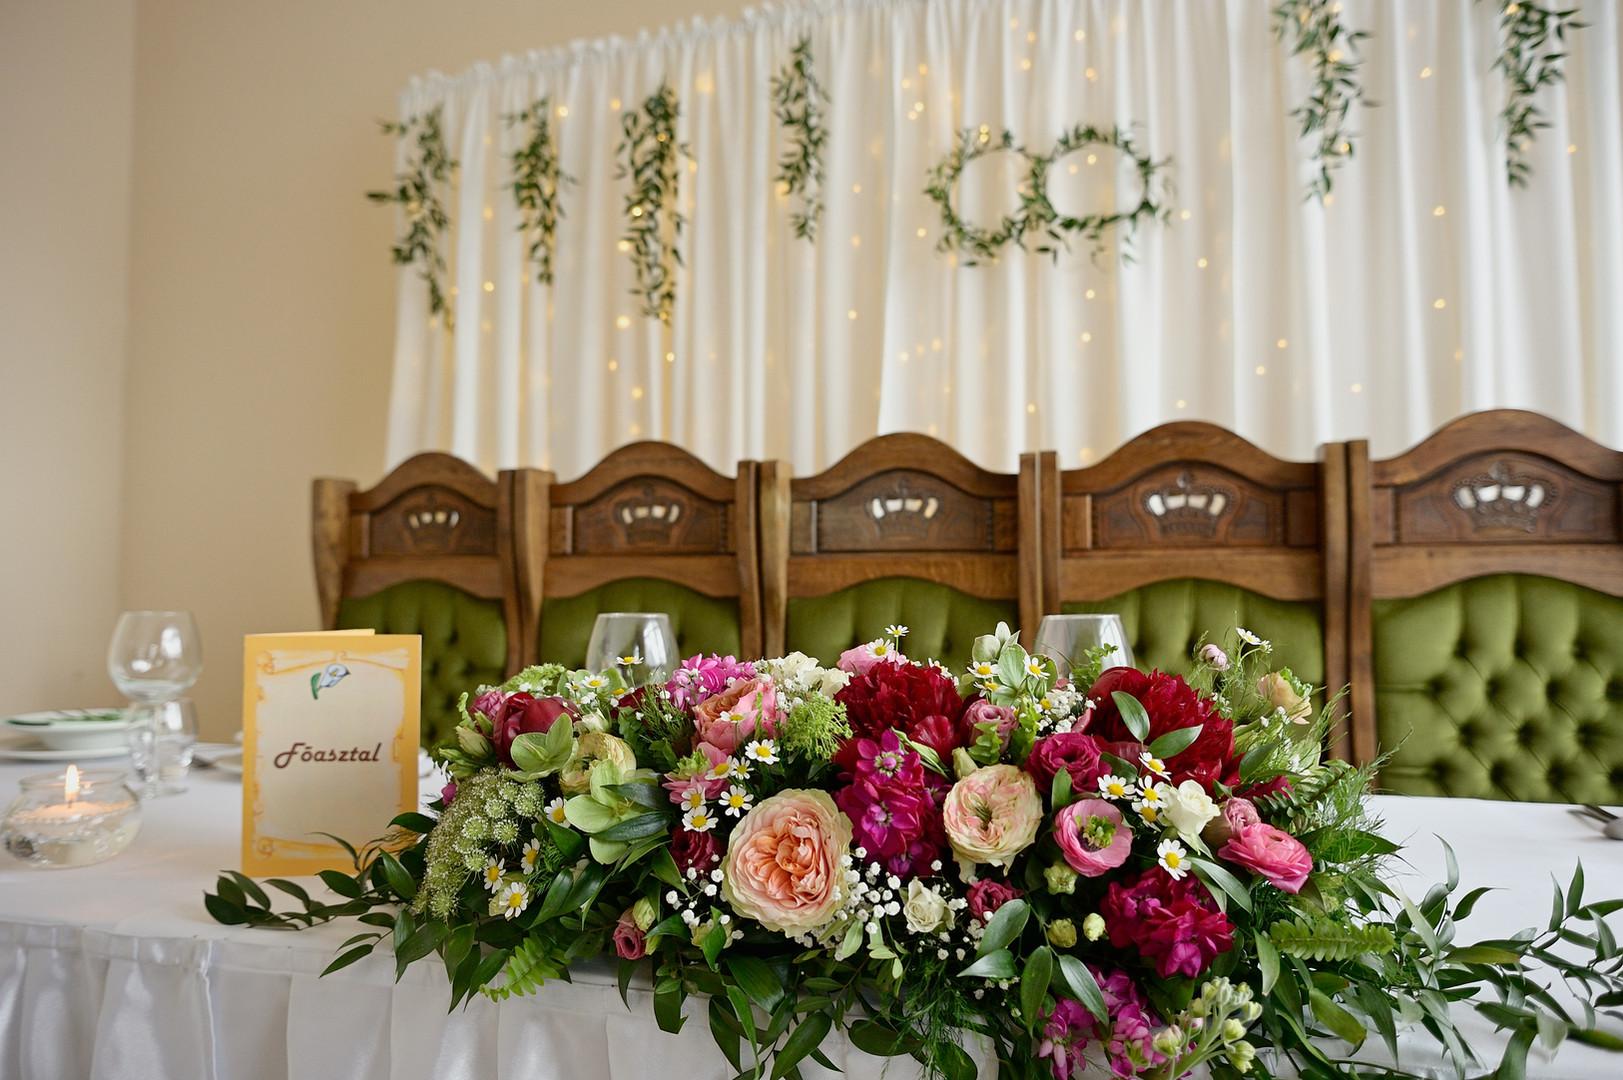 363  Esküvői fotózás - Enikő és Peti KRE